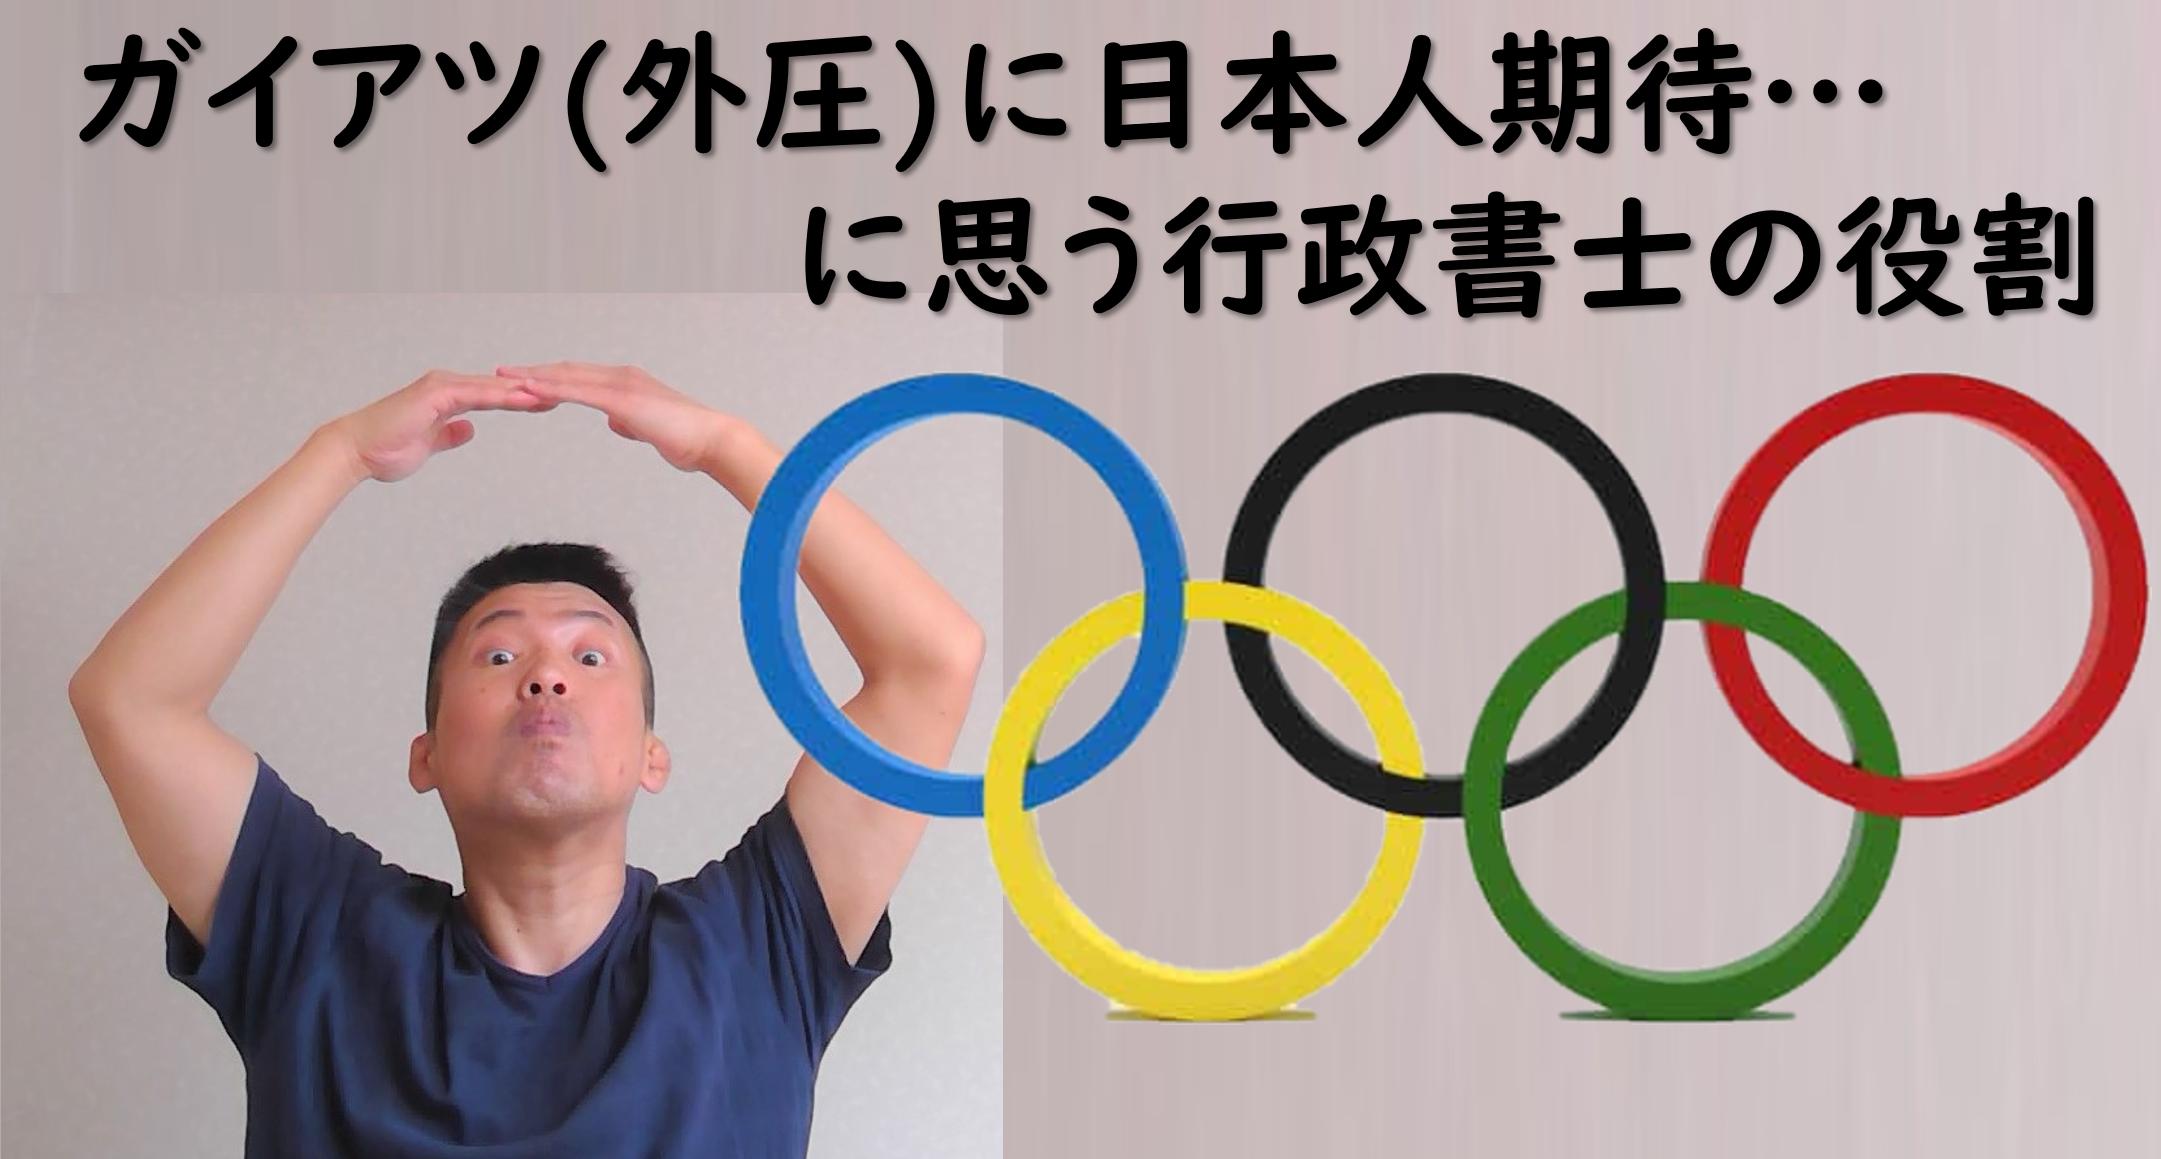 五輪 外圧 日本人期待